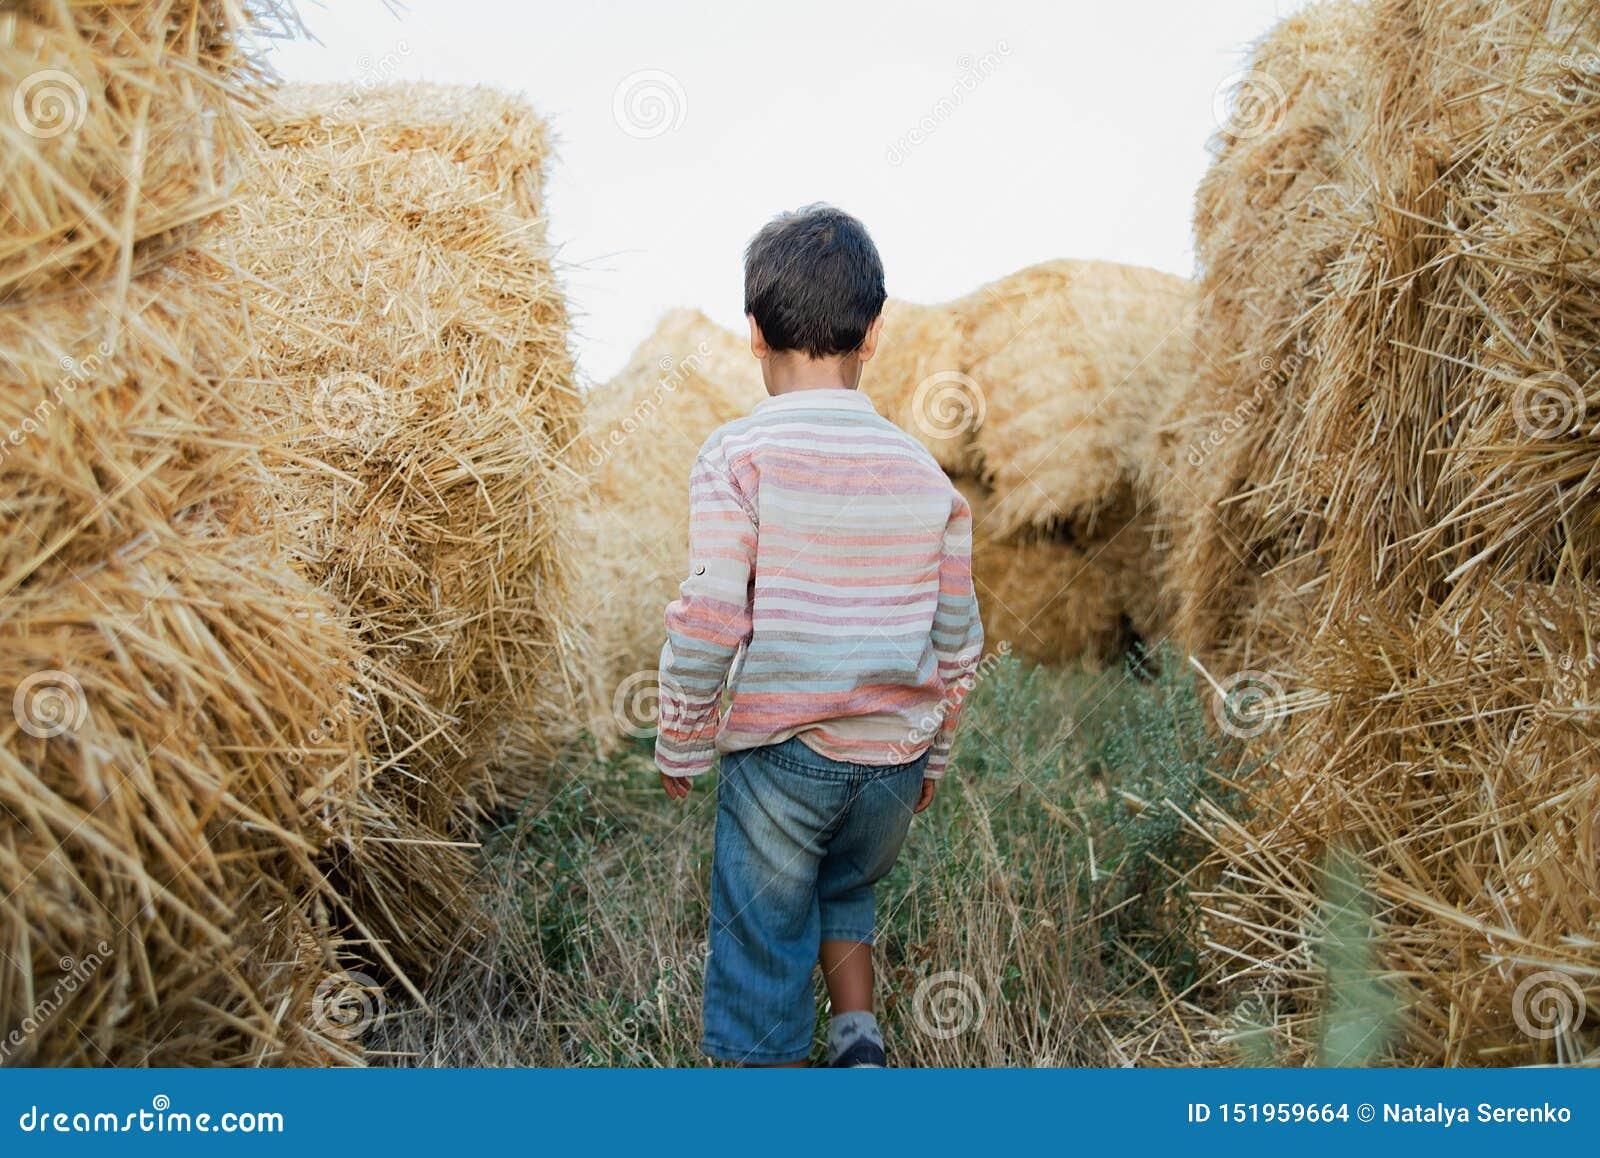 Chłopiec blisko siano beli w polu Dziecko na rolnej ziemi Pszeniczny żółty złoty żniwo w jesieni Wie? naturalny krajobraz